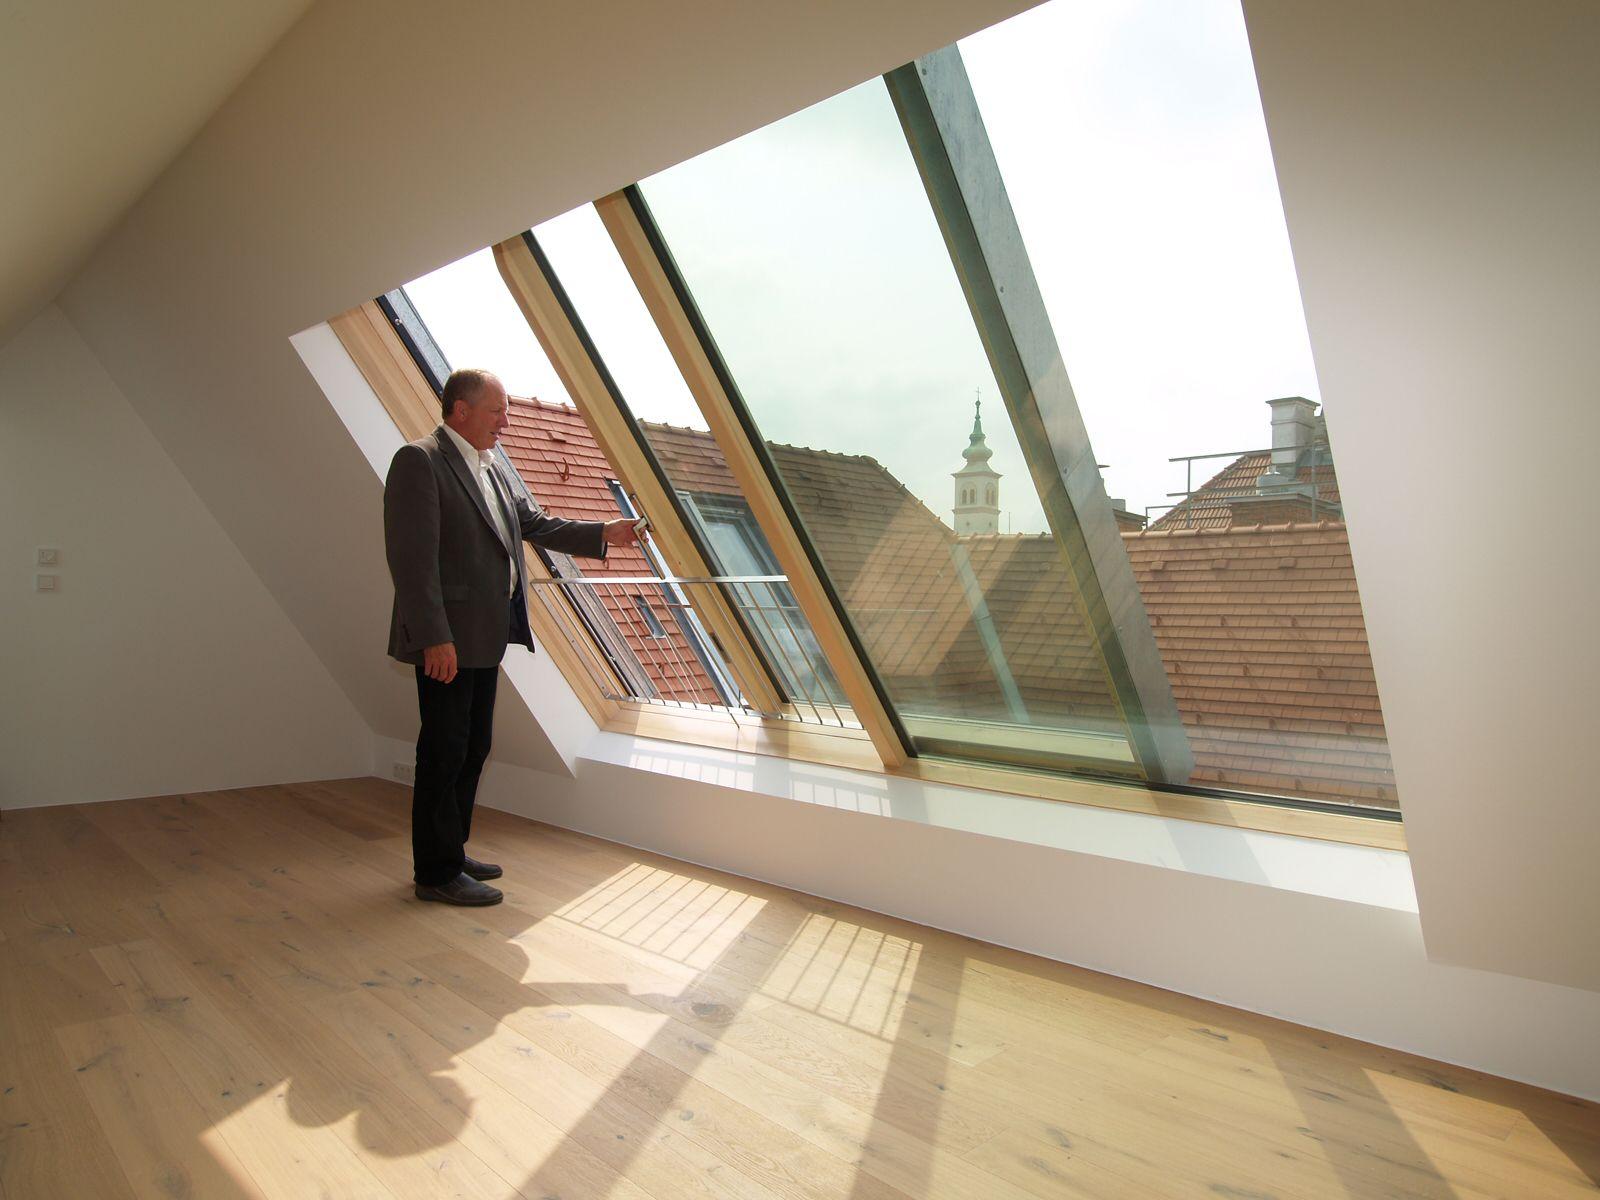 Zweiteilige Dachschiebefenster Solara Perspektiv In Wien Dachflachenfenster Dachschiebefenster Dachschrage Fenster Und Dachgeschoss